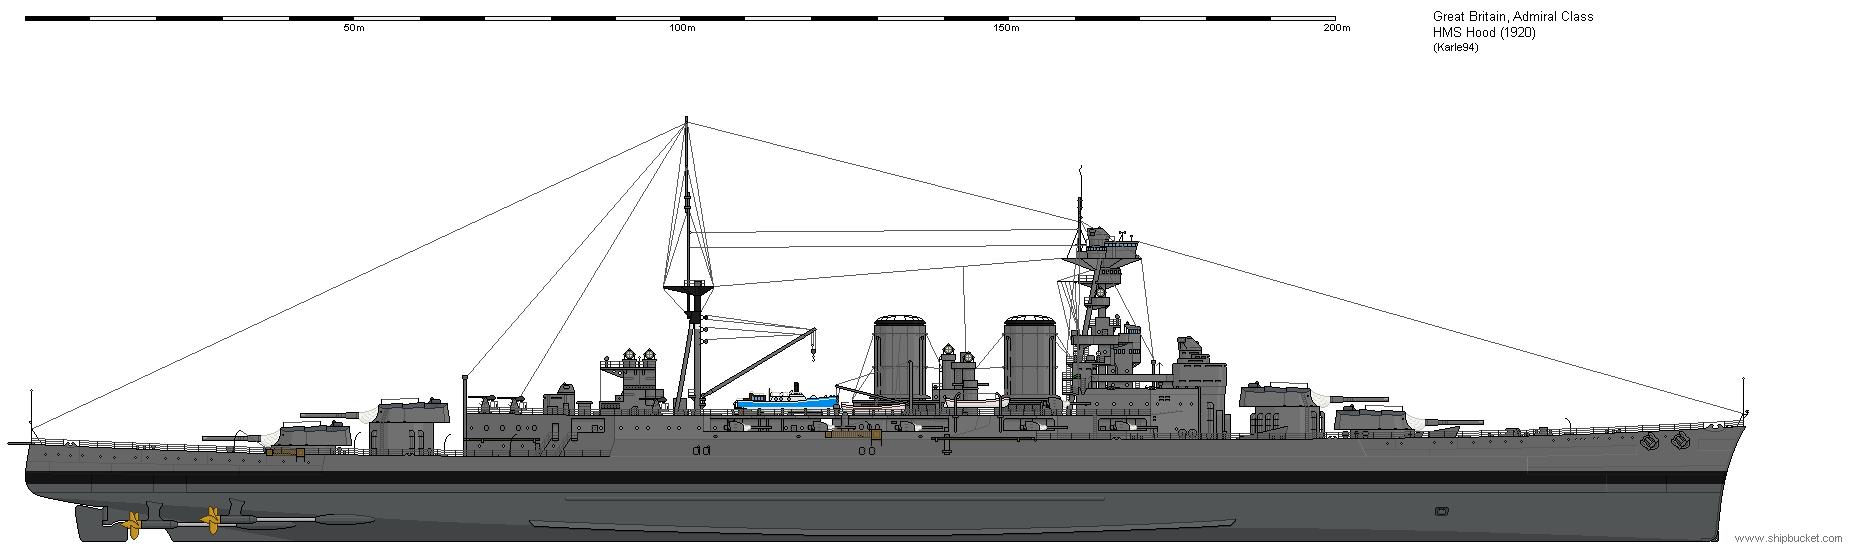 HMS Hood 1920 (Shipbucket)